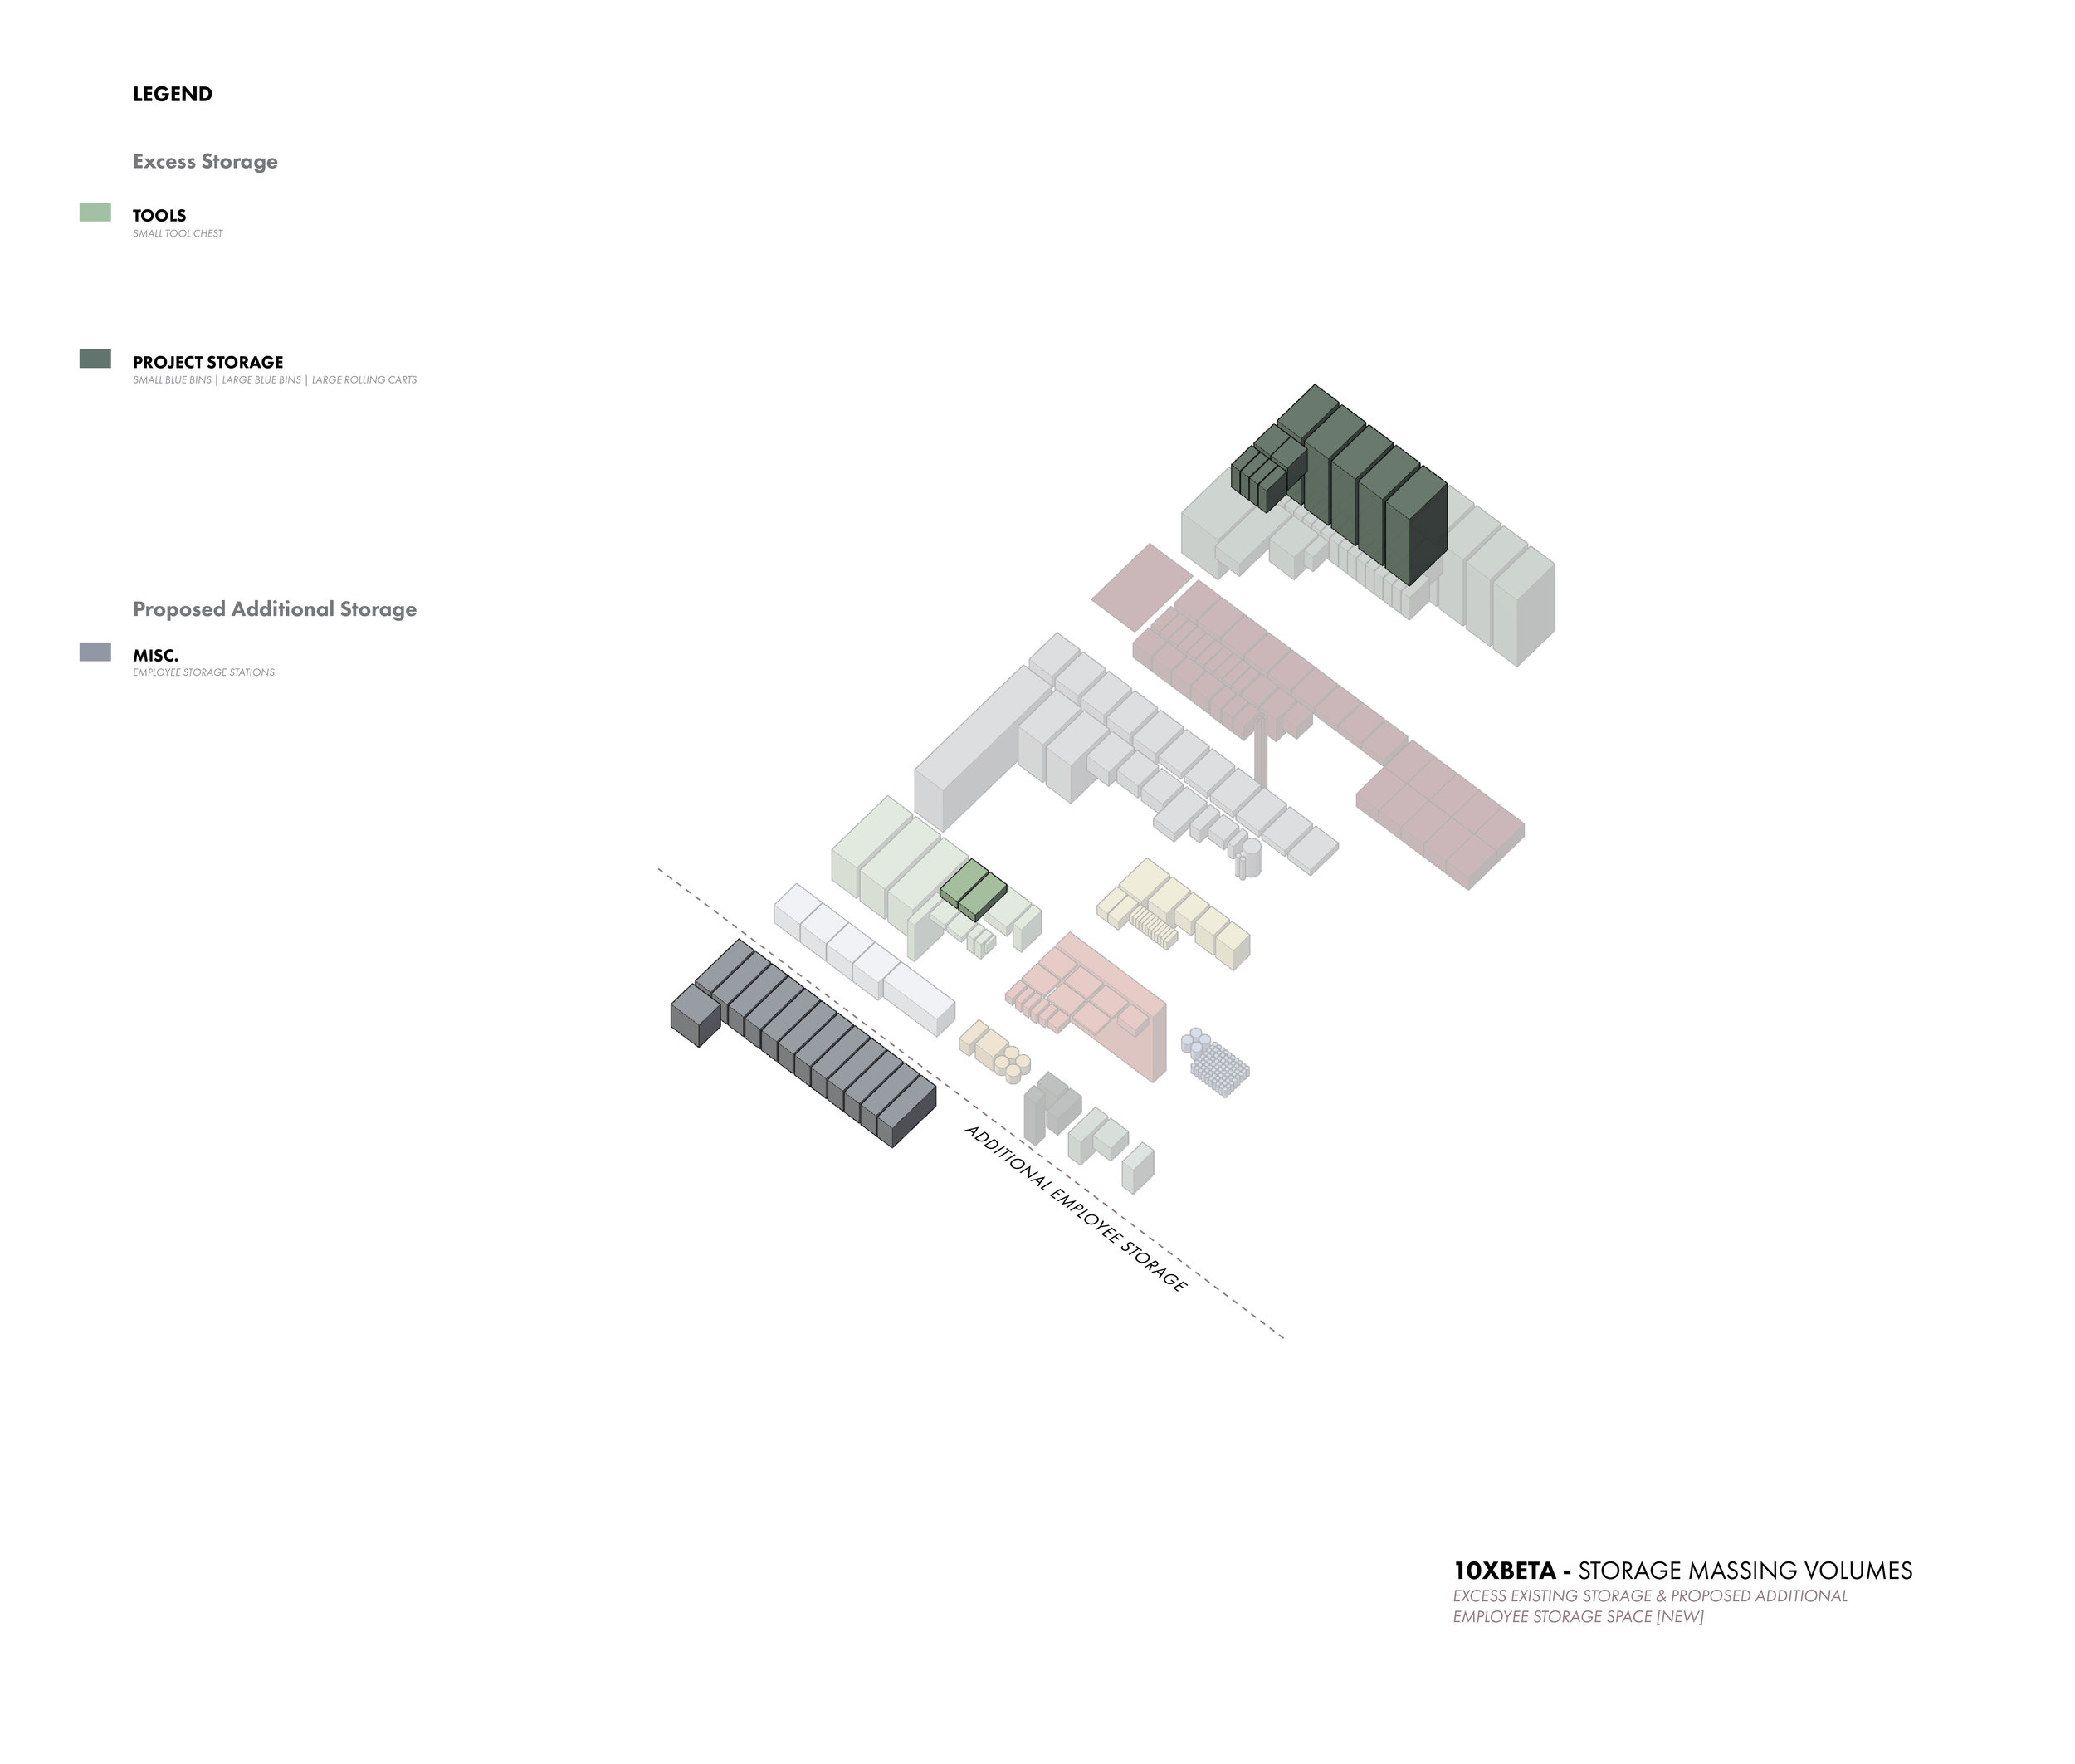 10xBETA_Storage_Space_Matrix8.jpg